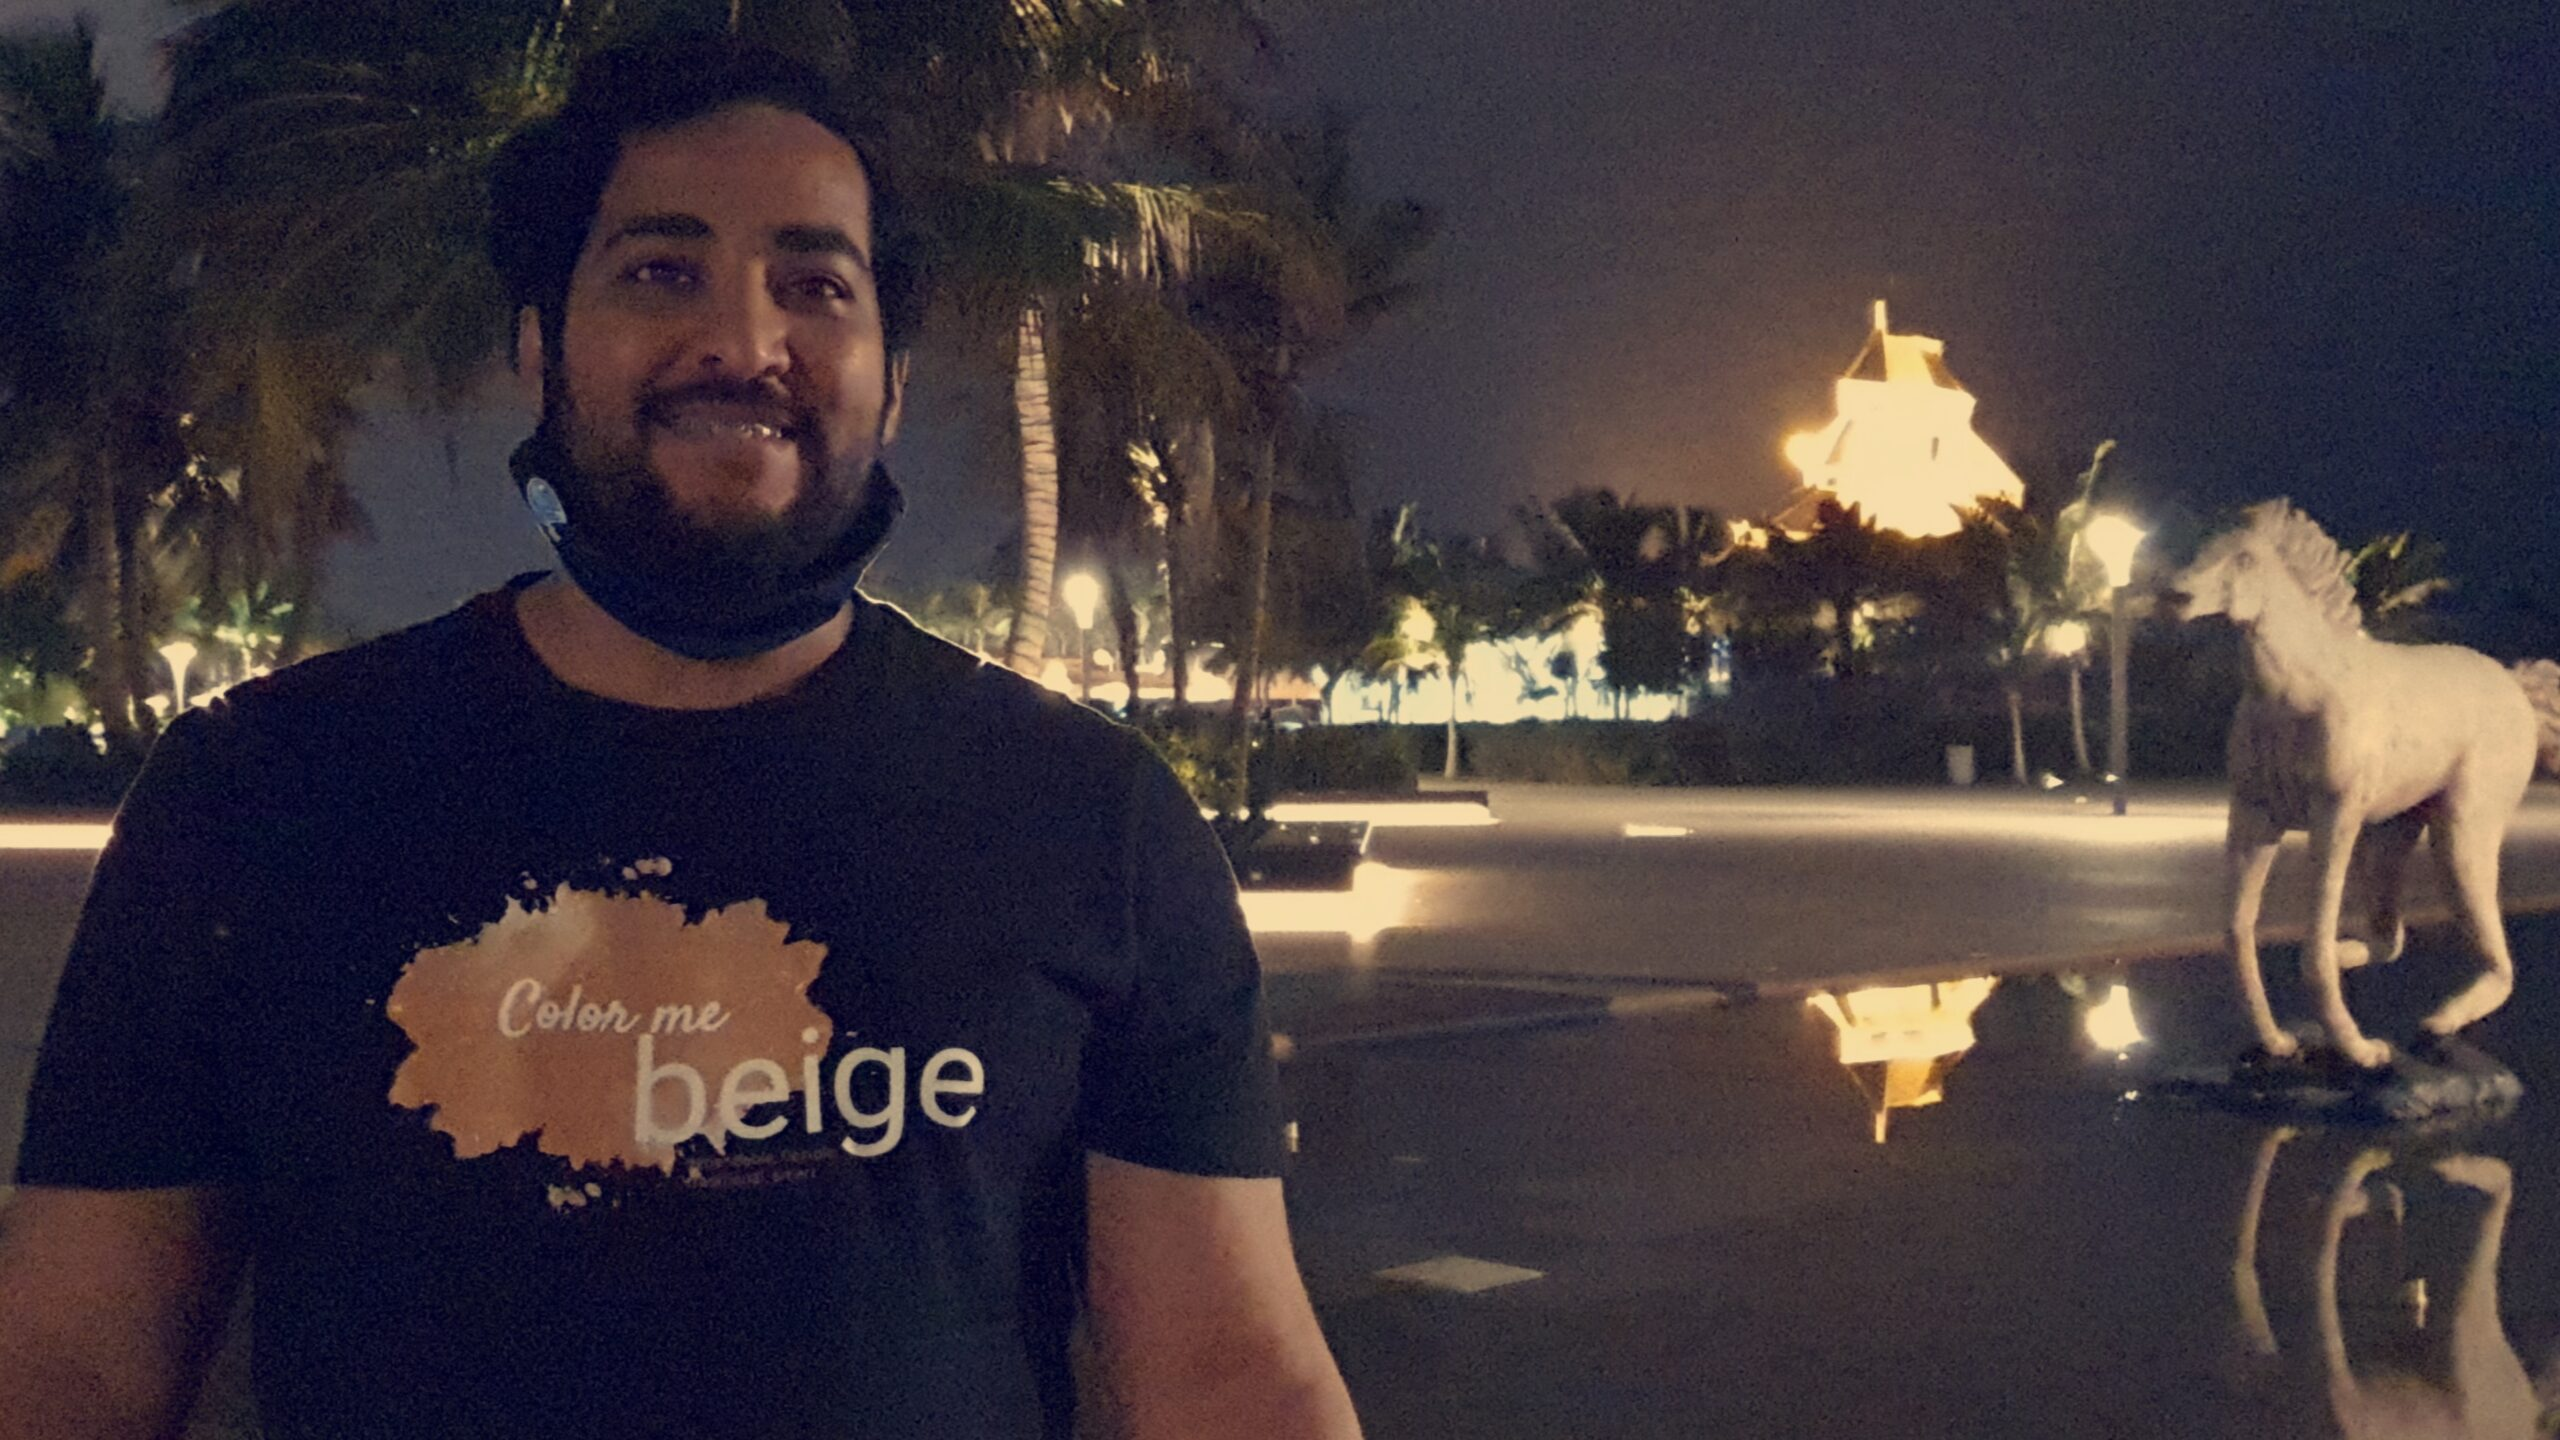 Influencer-escritor-y-empresario-Muneer-Mujahed-Lyati-publica-libro-e-book-Regular-maintenance-of-the-car-Mantenimiento-regular-del-automovil-en-Arabia-Saudita